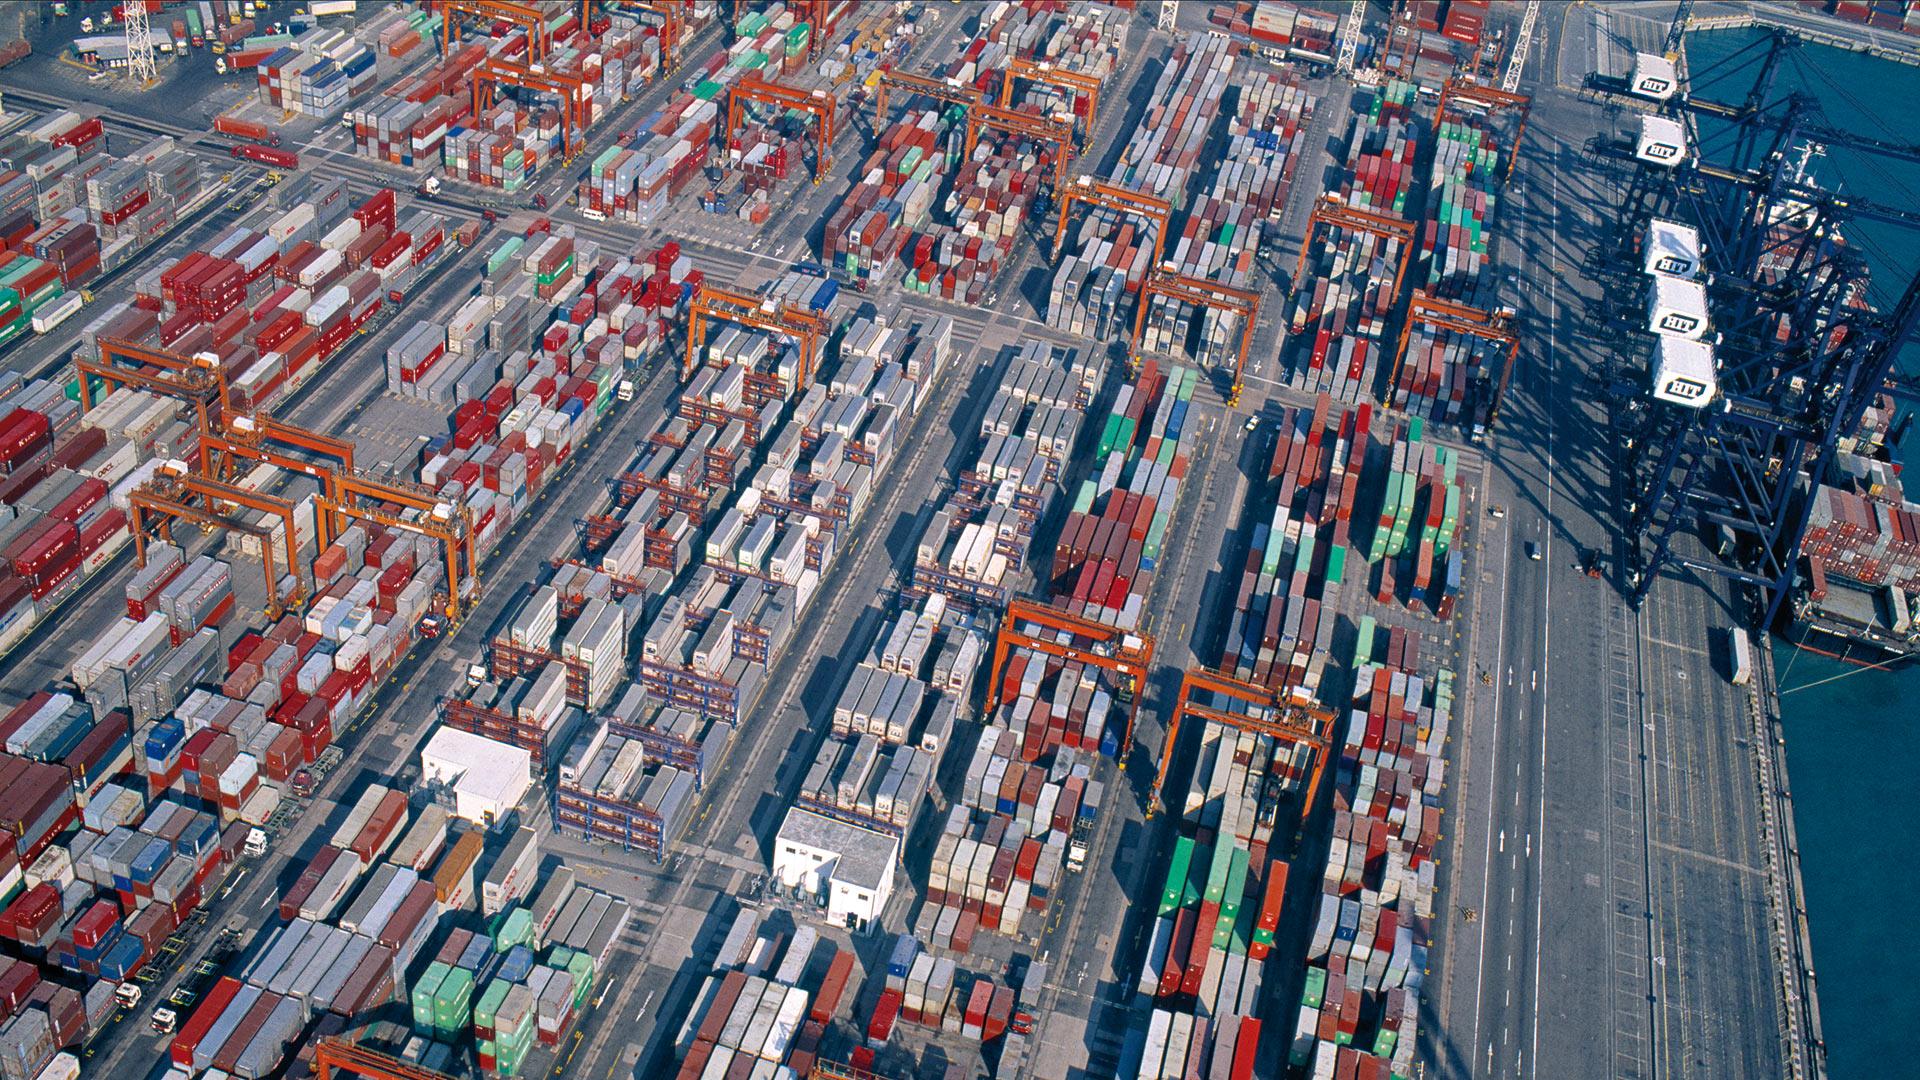 Exportación e importación en el mayor mercado mundial